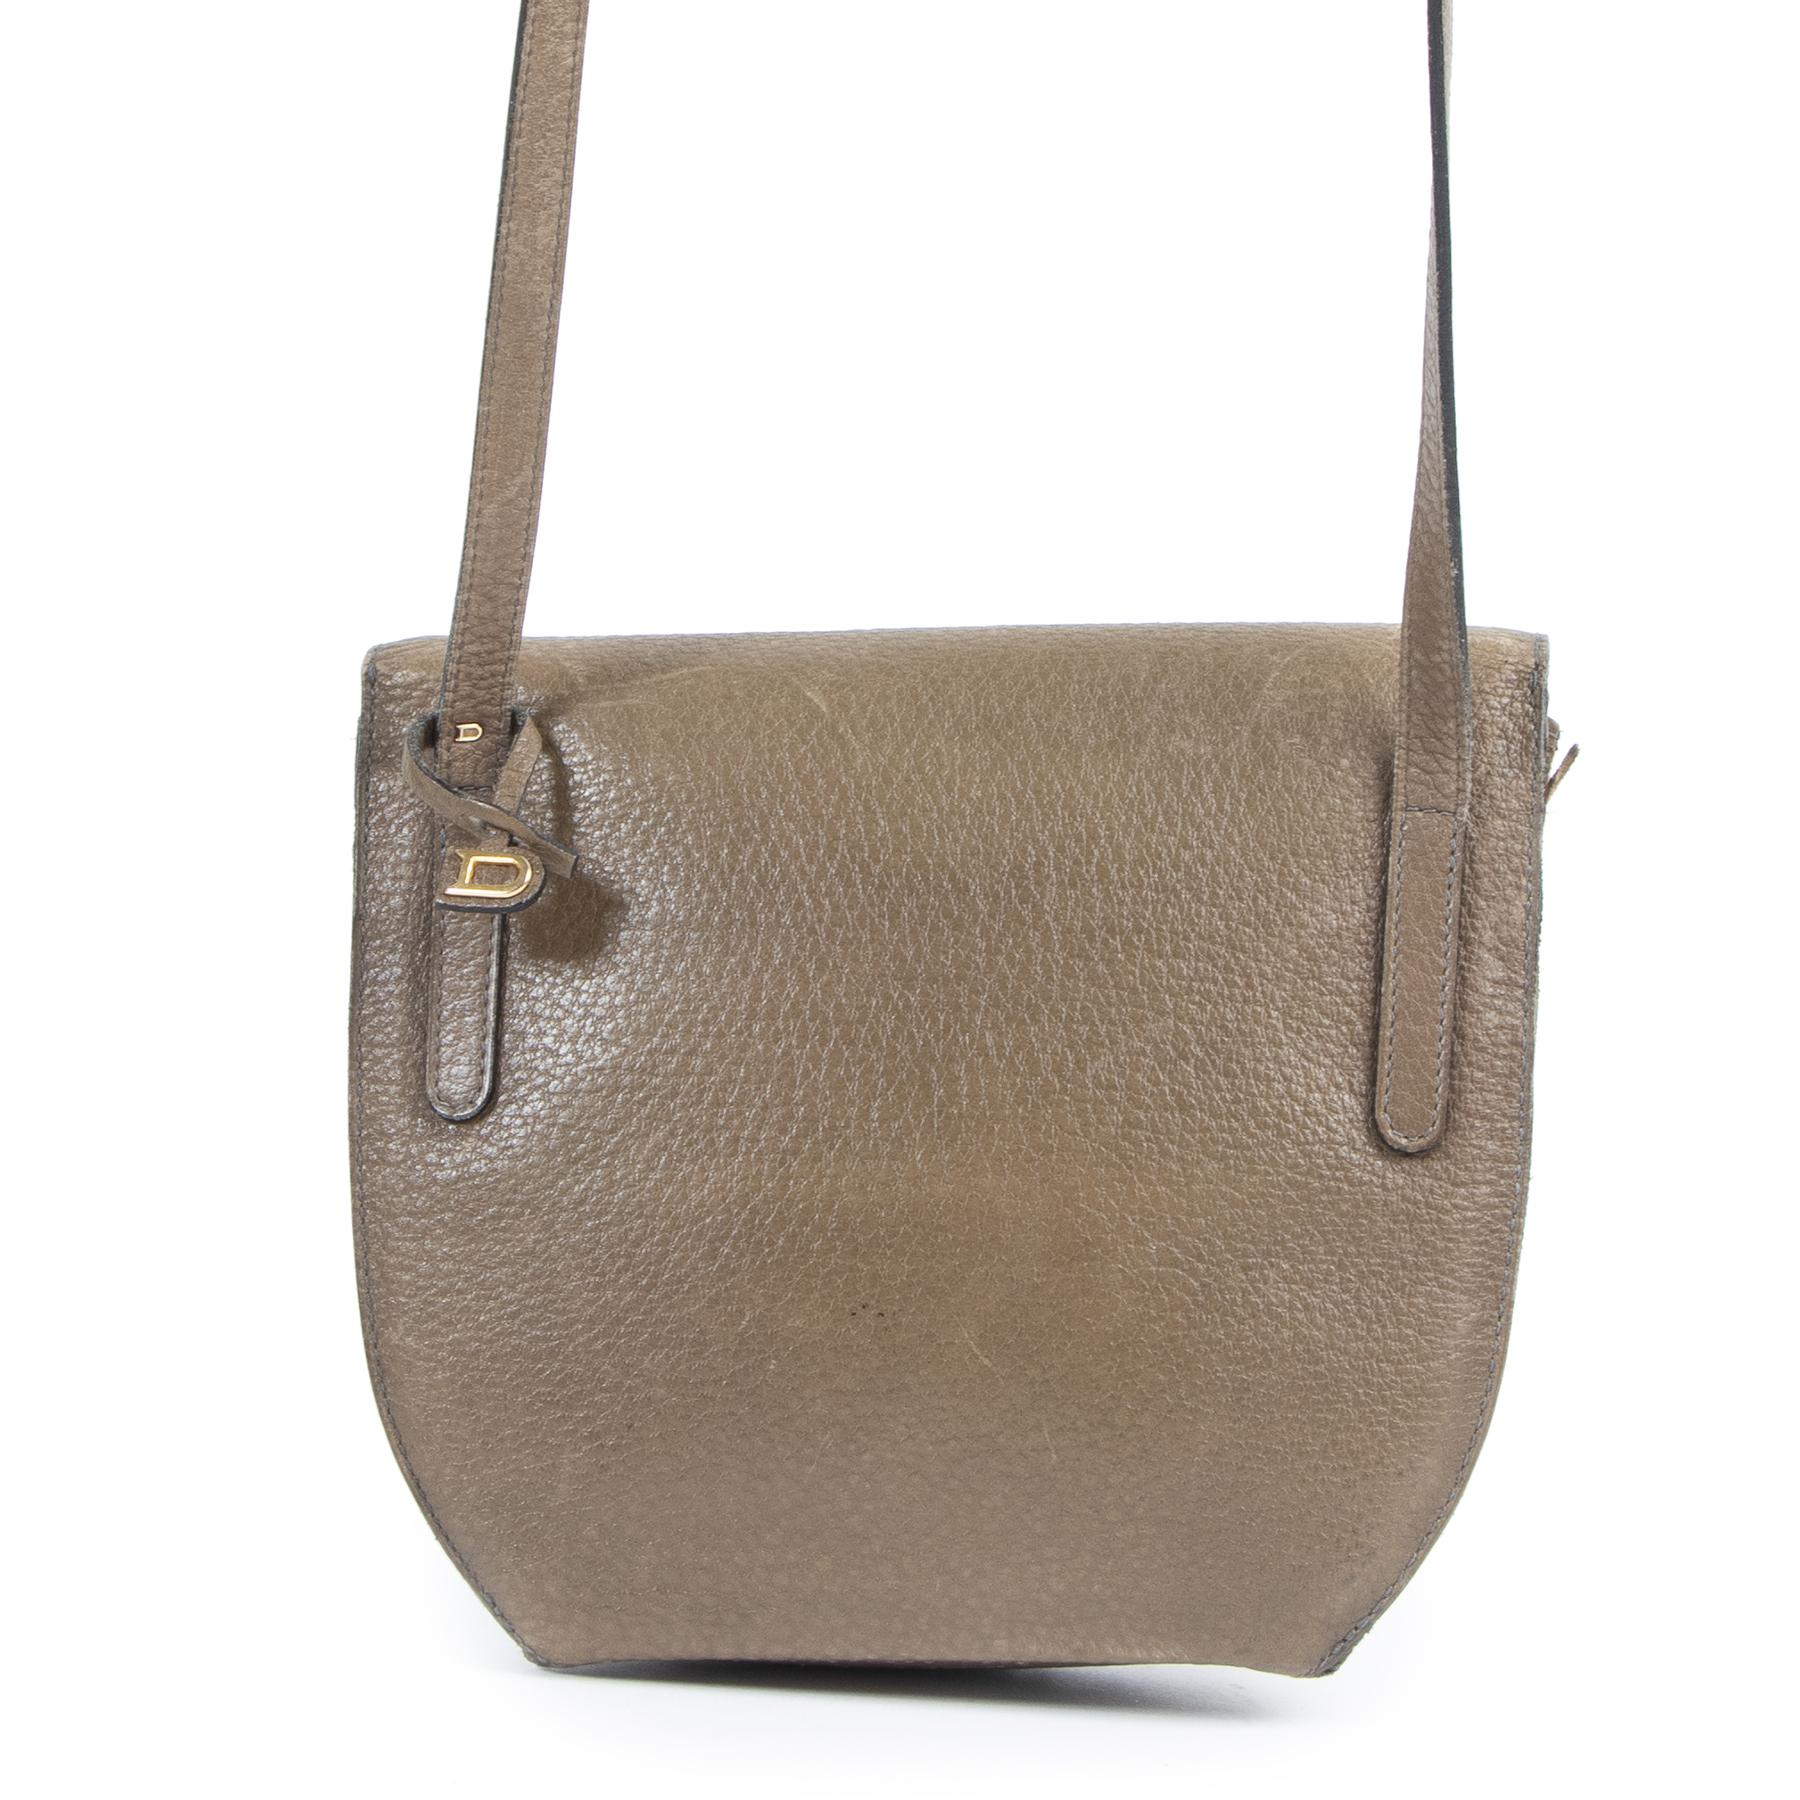 Authentieke Tweedehands Delvaux Taupe Toile de Cuir Crossbody Bag juiste prijs veilig online shoppen luxe merken webshop winkelen Antwerpen België mode fashion